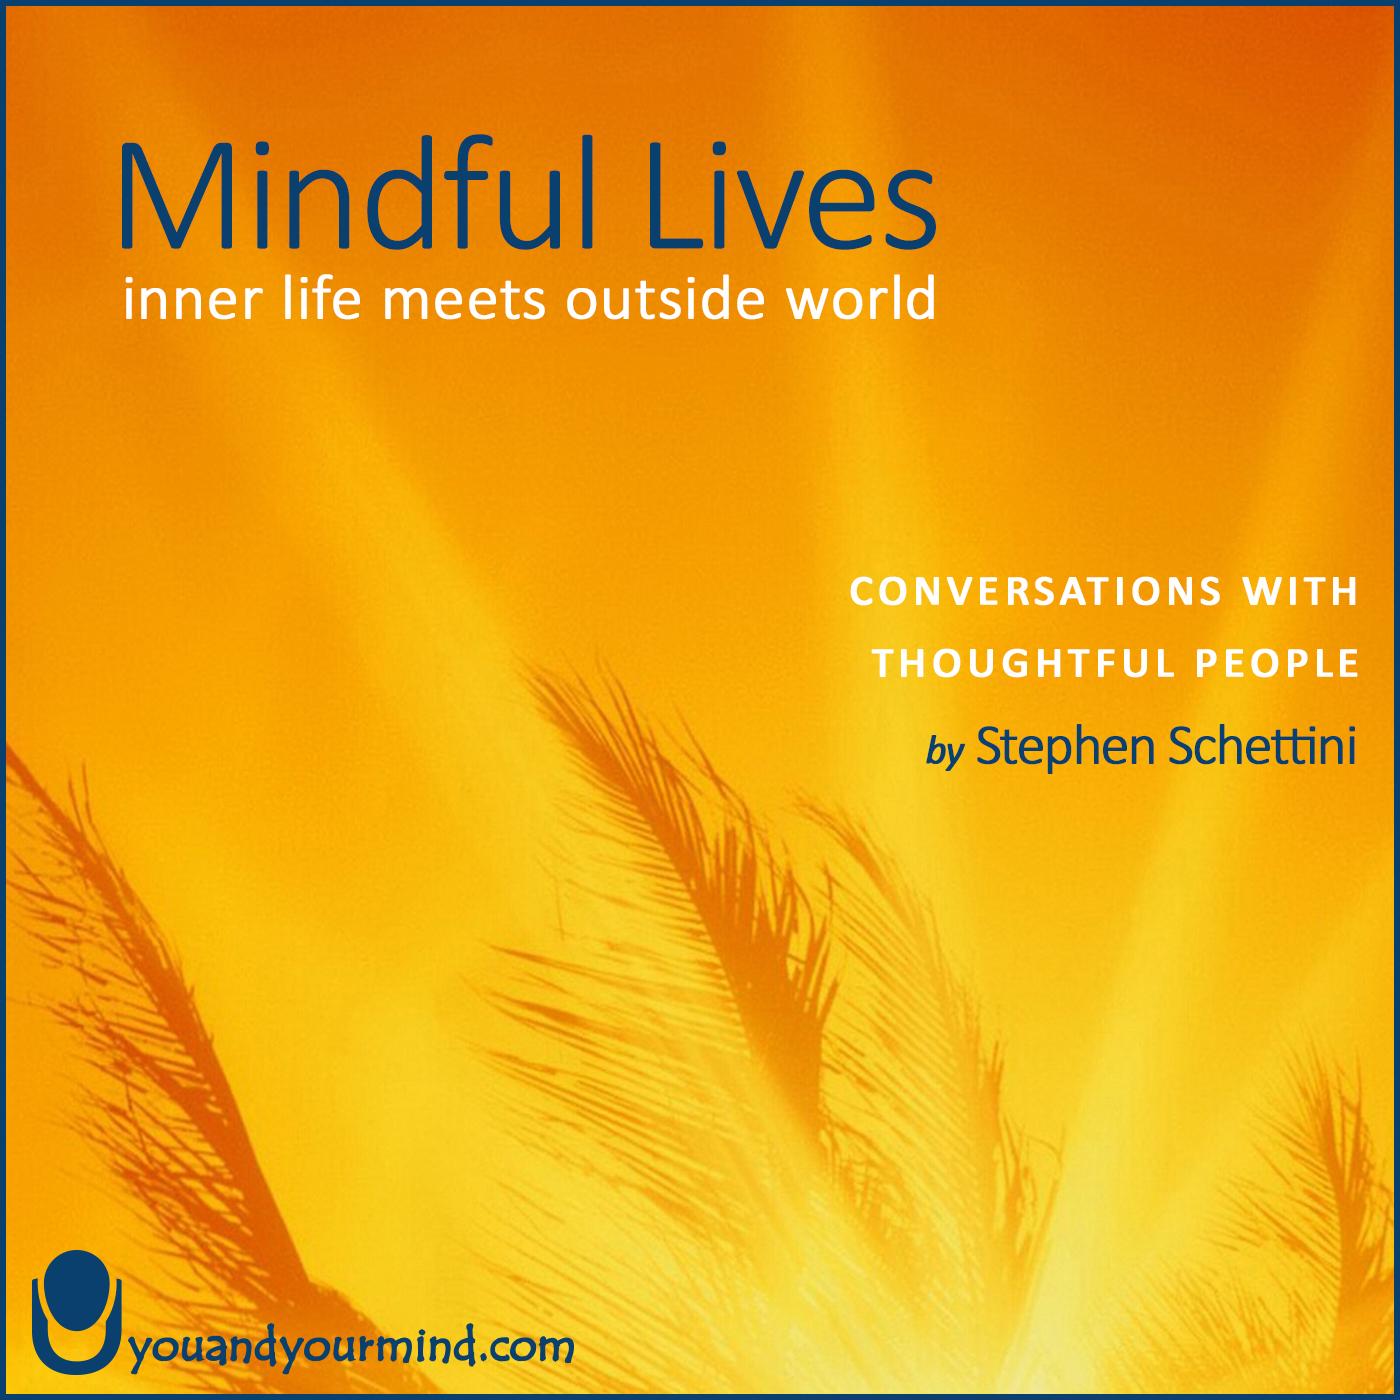 Mindful Lives